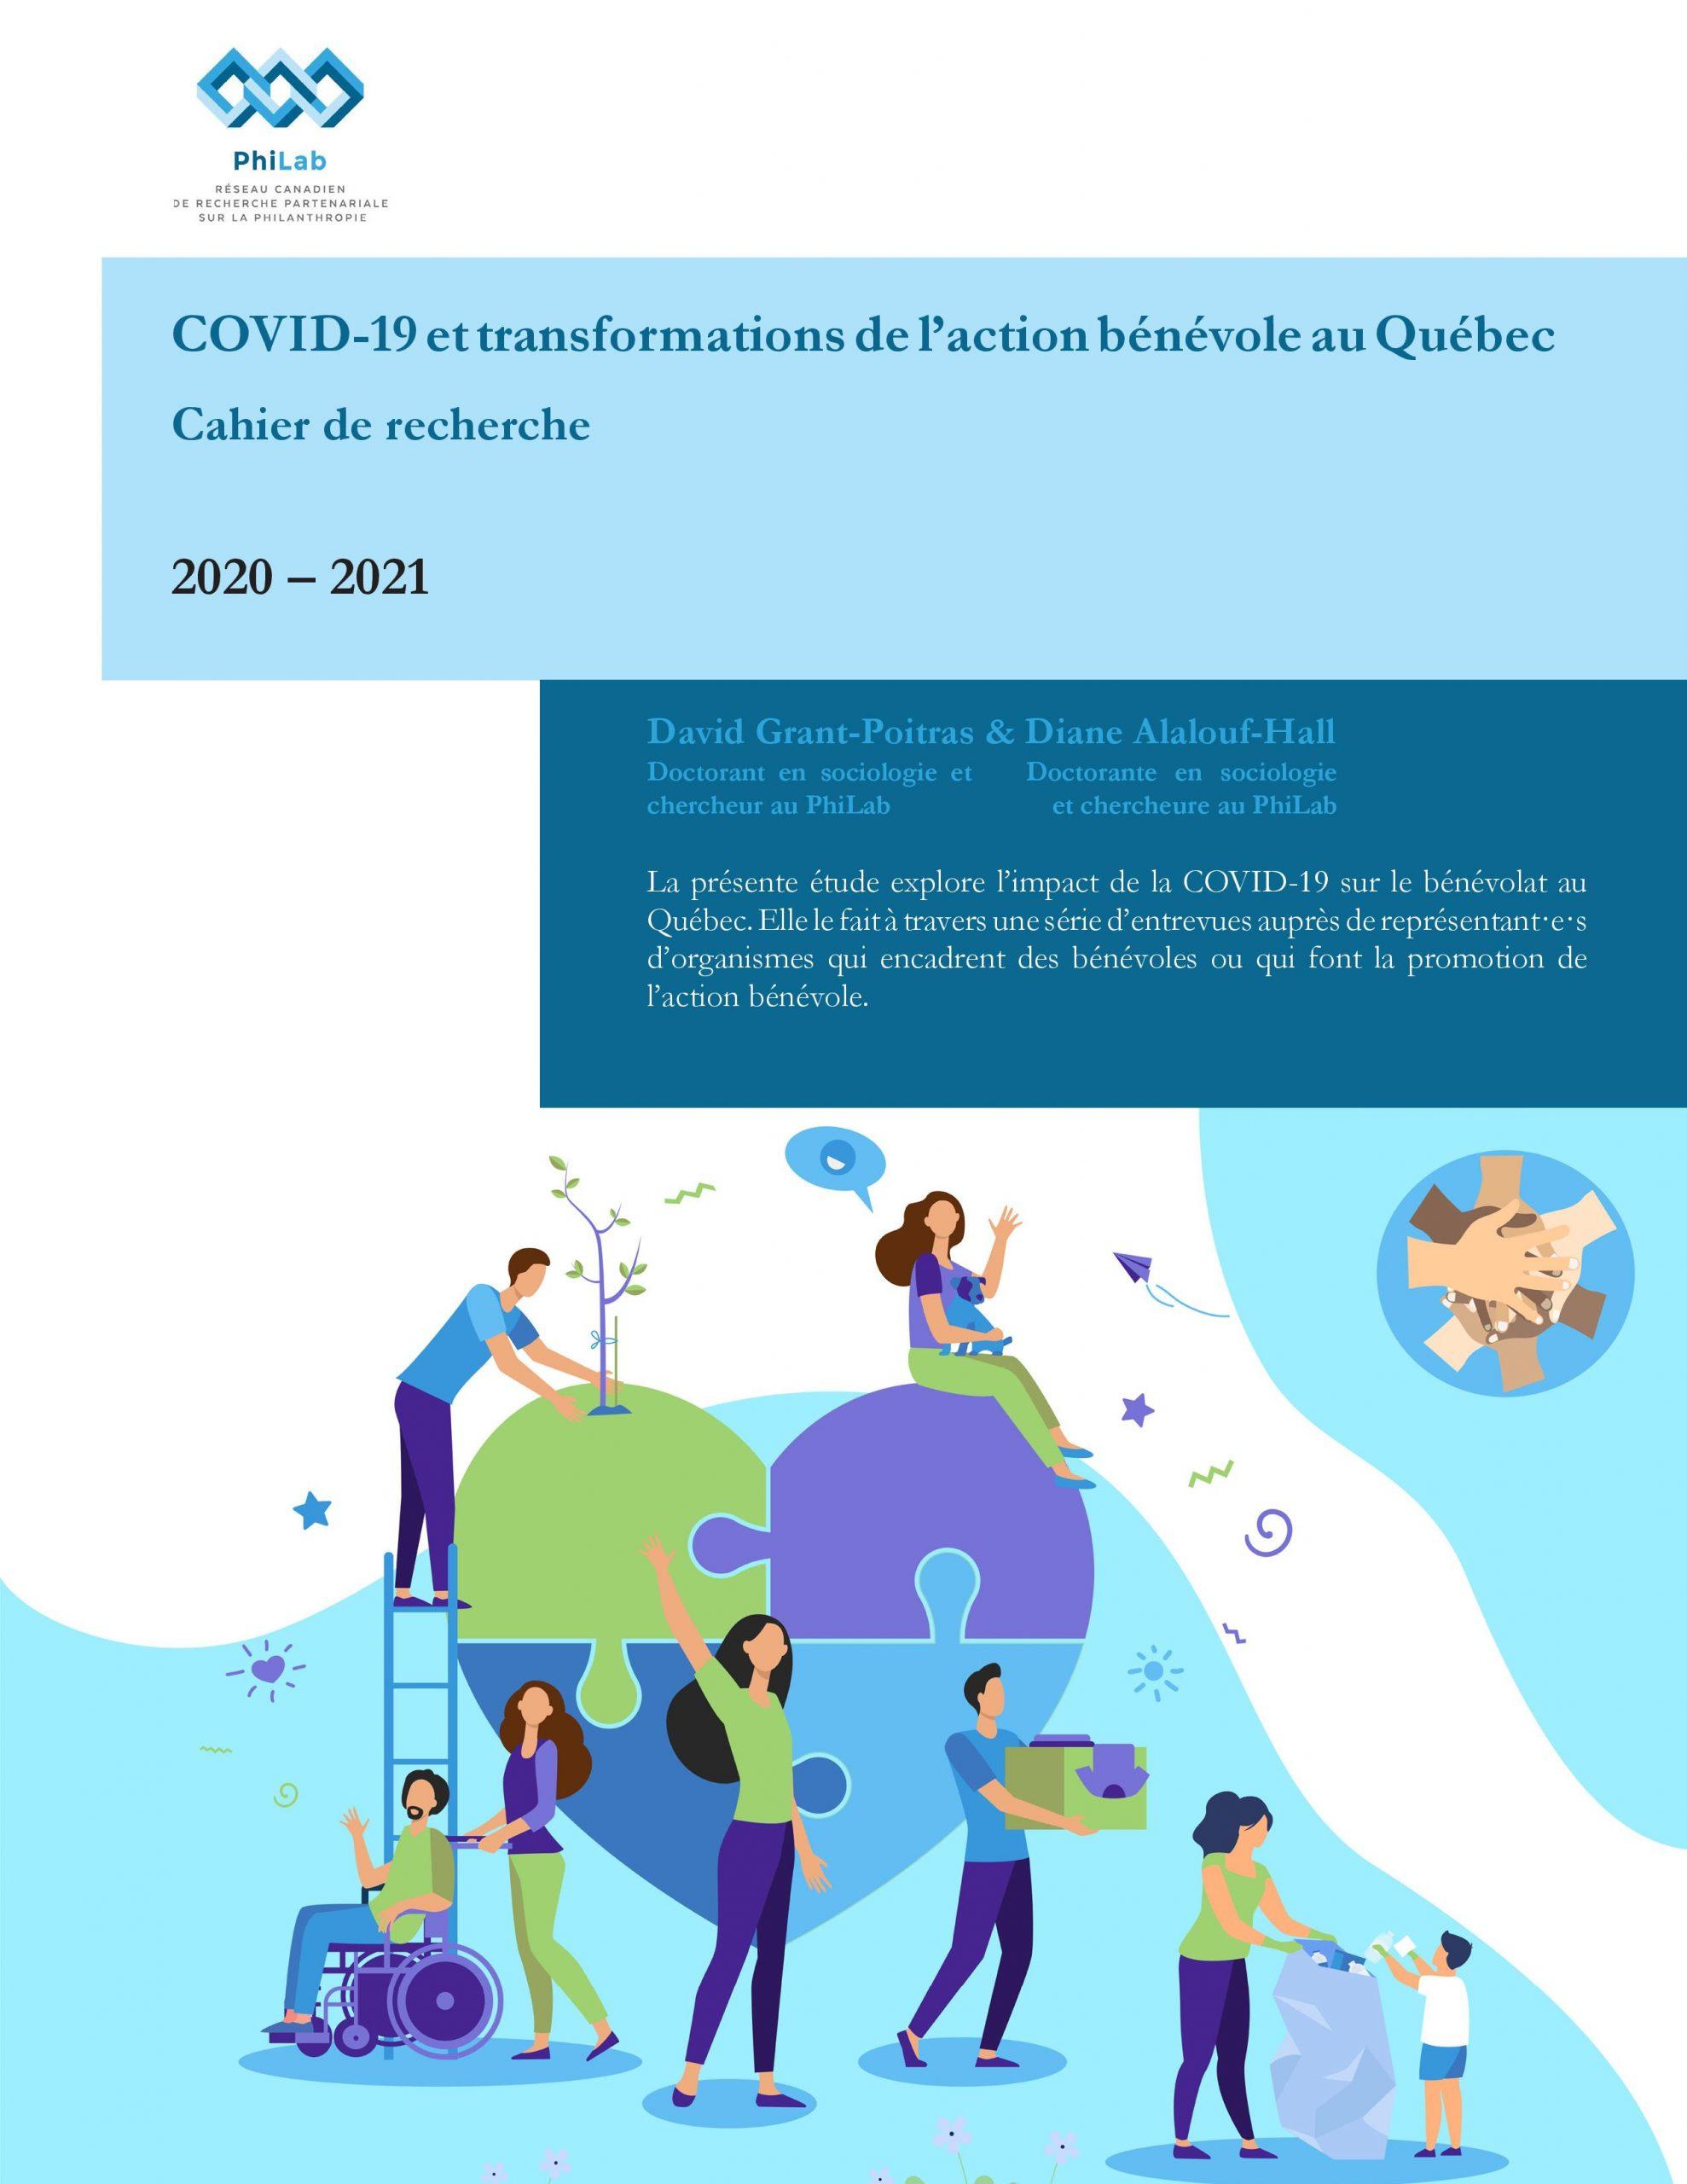 COVID-19 et transformations de l'action bénévole au Québec